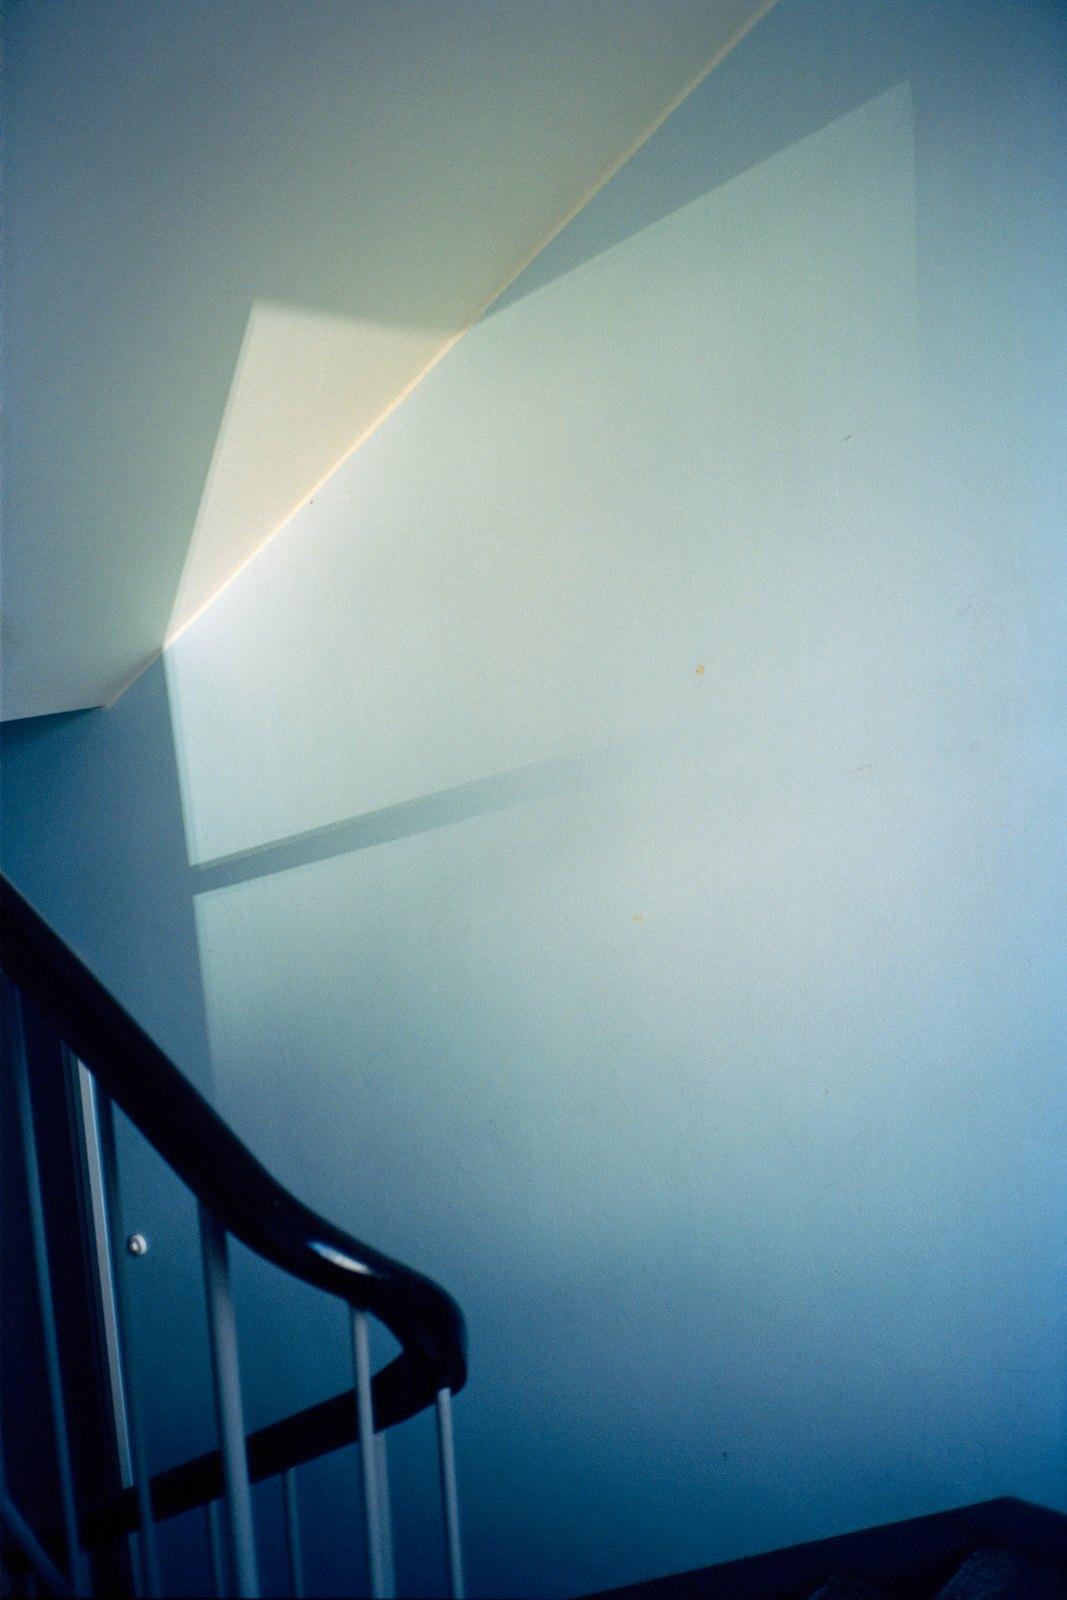 Eline Mugaas, Blue hallway I, 2014, C-print, 60 x 40 cm, Ed. 5